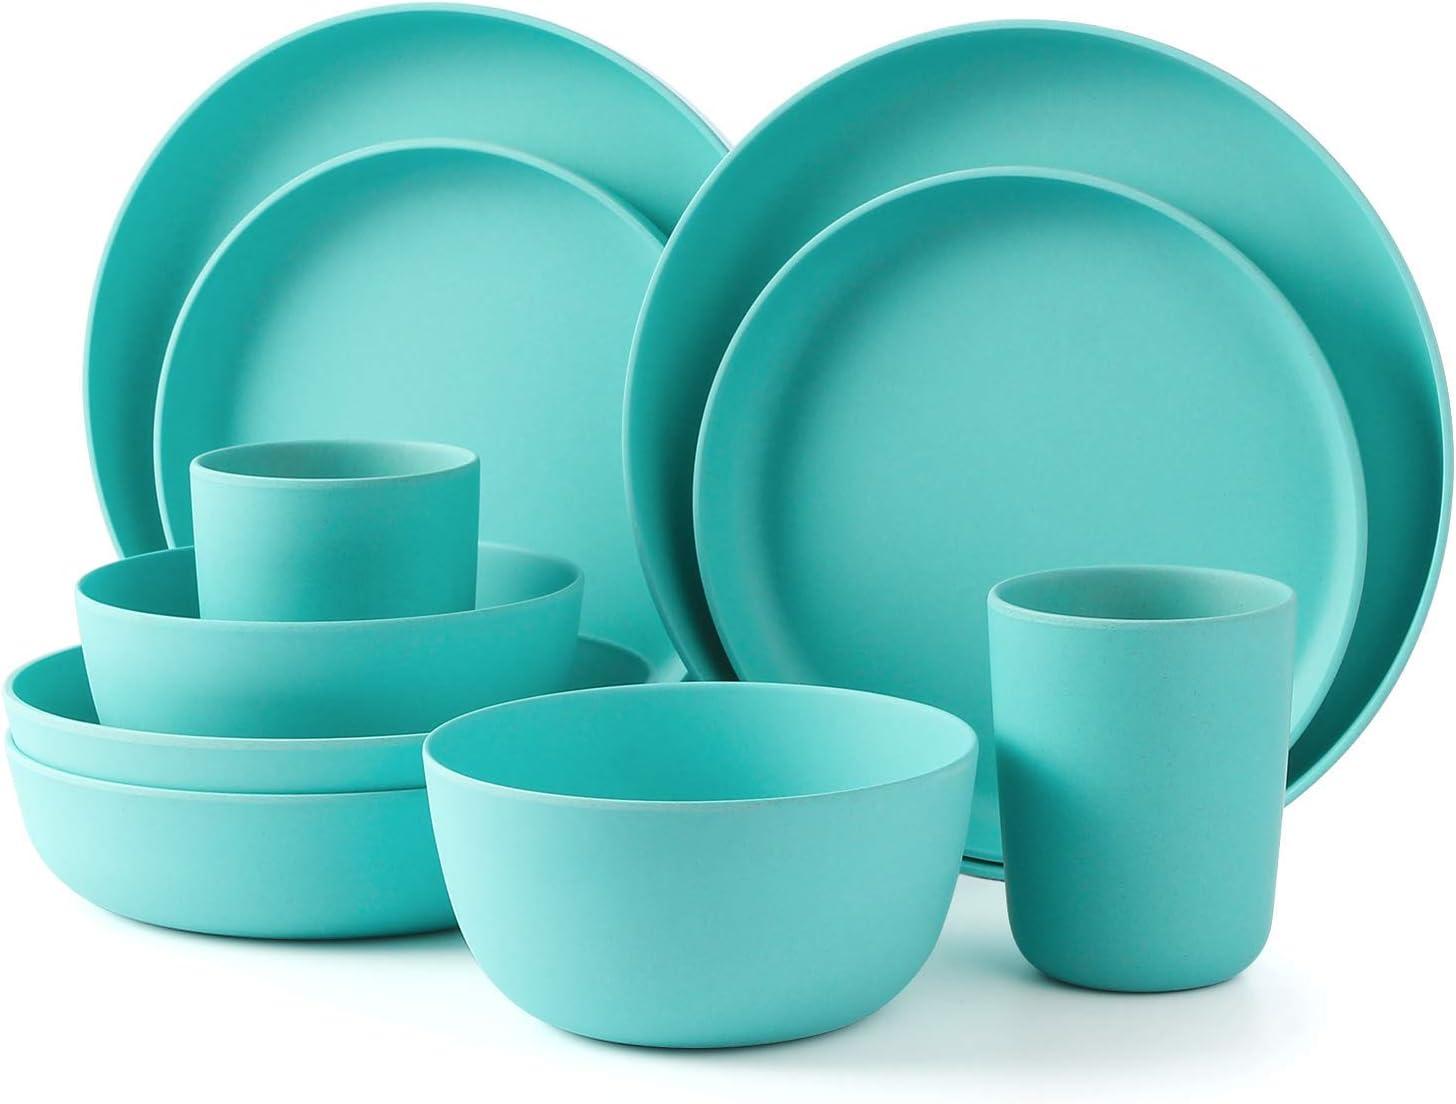 2 Plat /à D/îner Bol /à Salade//Dessert et Tasse pour 2 Personne LEKOCH 10 Pi/èces Ensemble Vaisselle Bambou Bleue avec Plat /à Salade Camping//Pique-Nique//BBQ//Party